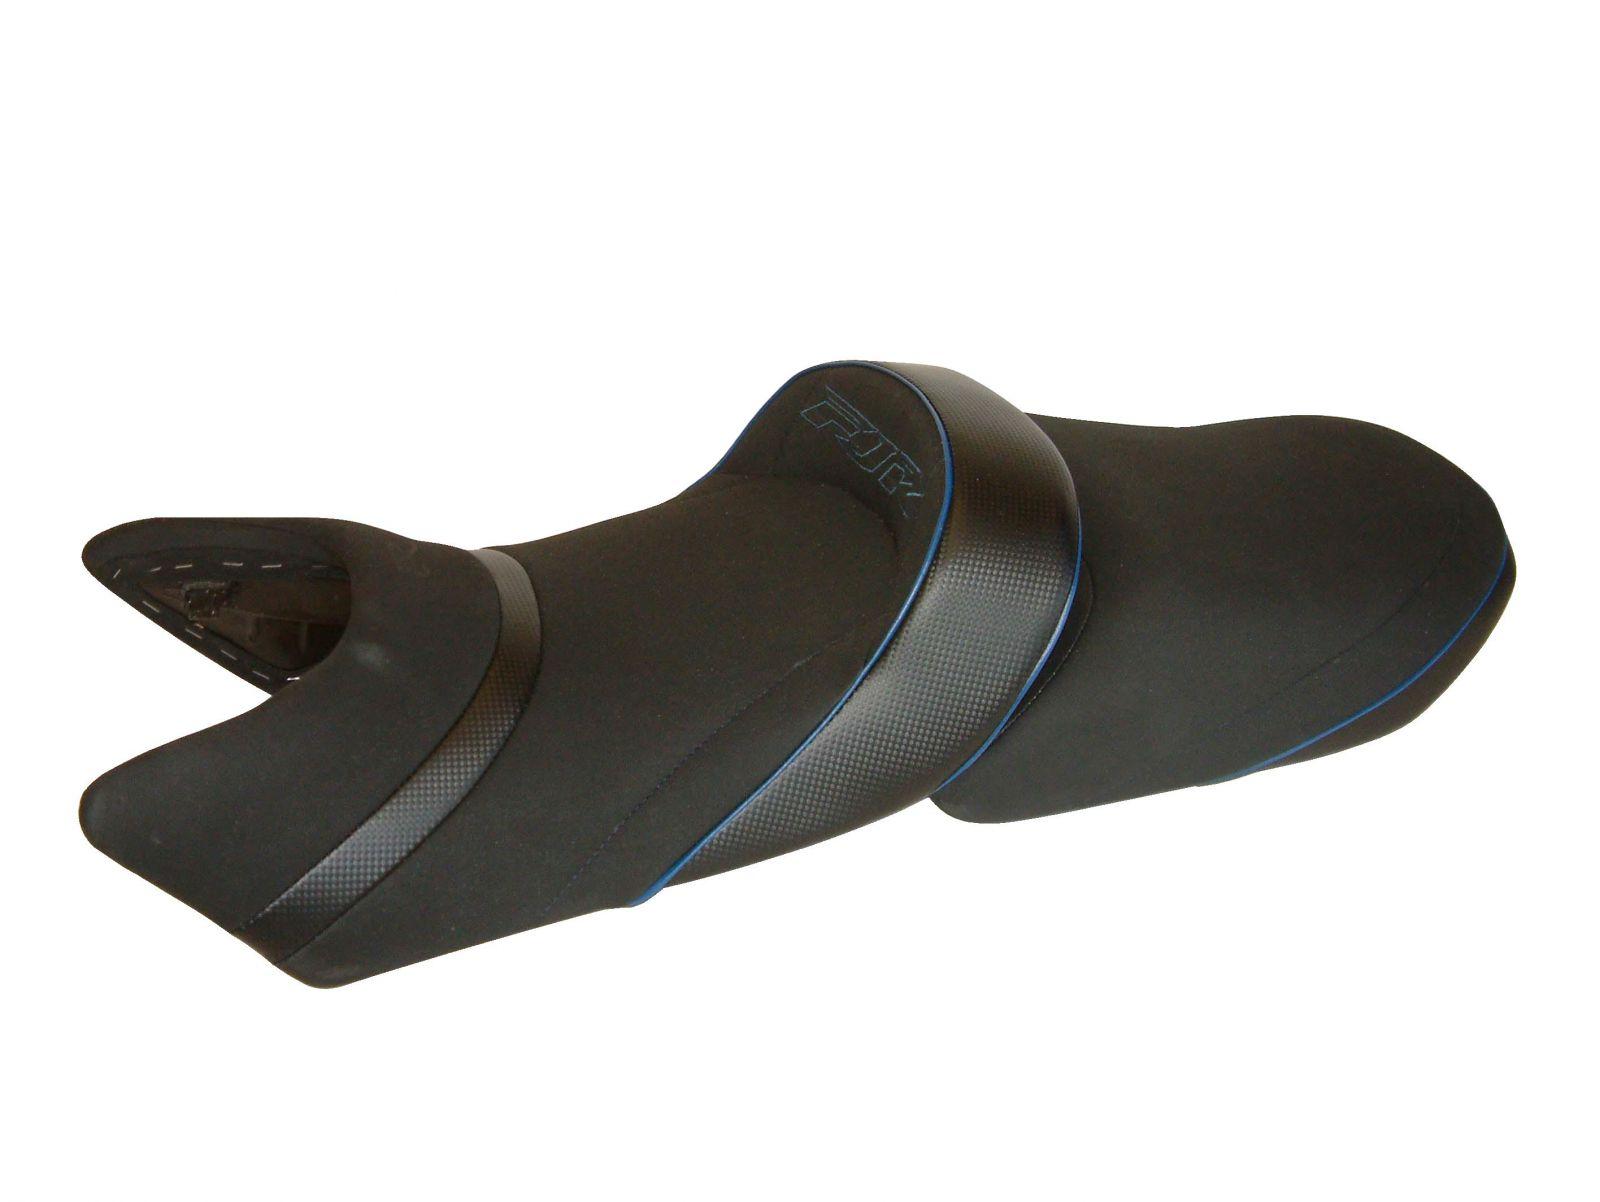 Sella Grande Confort SGC3267 - YAMAHA FJR 1300 [2001-2005]